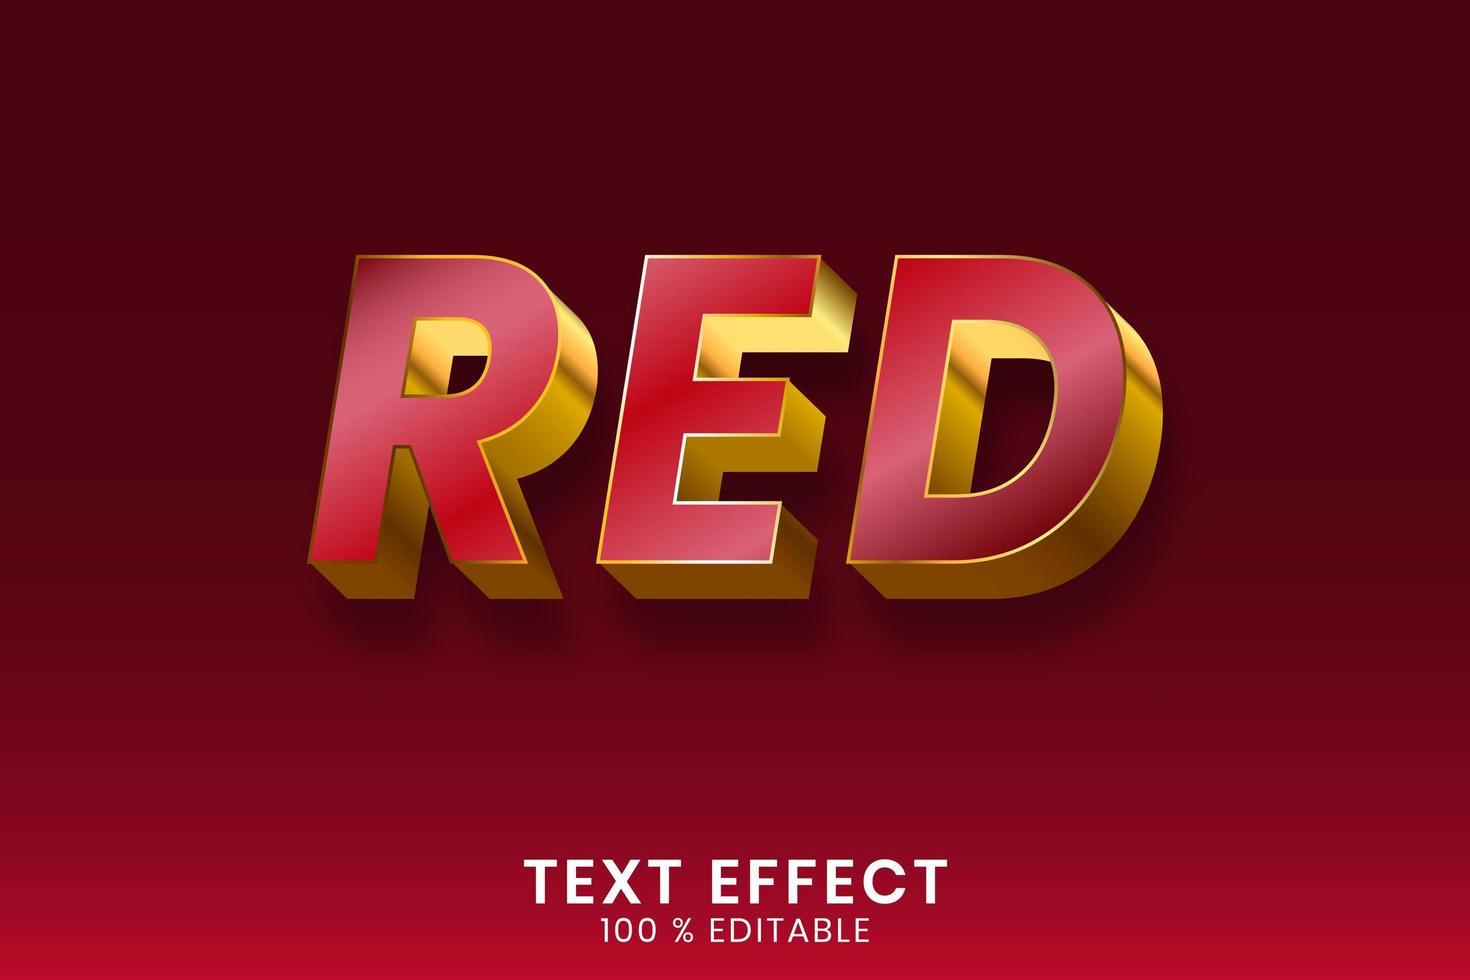 metallic rood en goud omtrek teksteffect vector